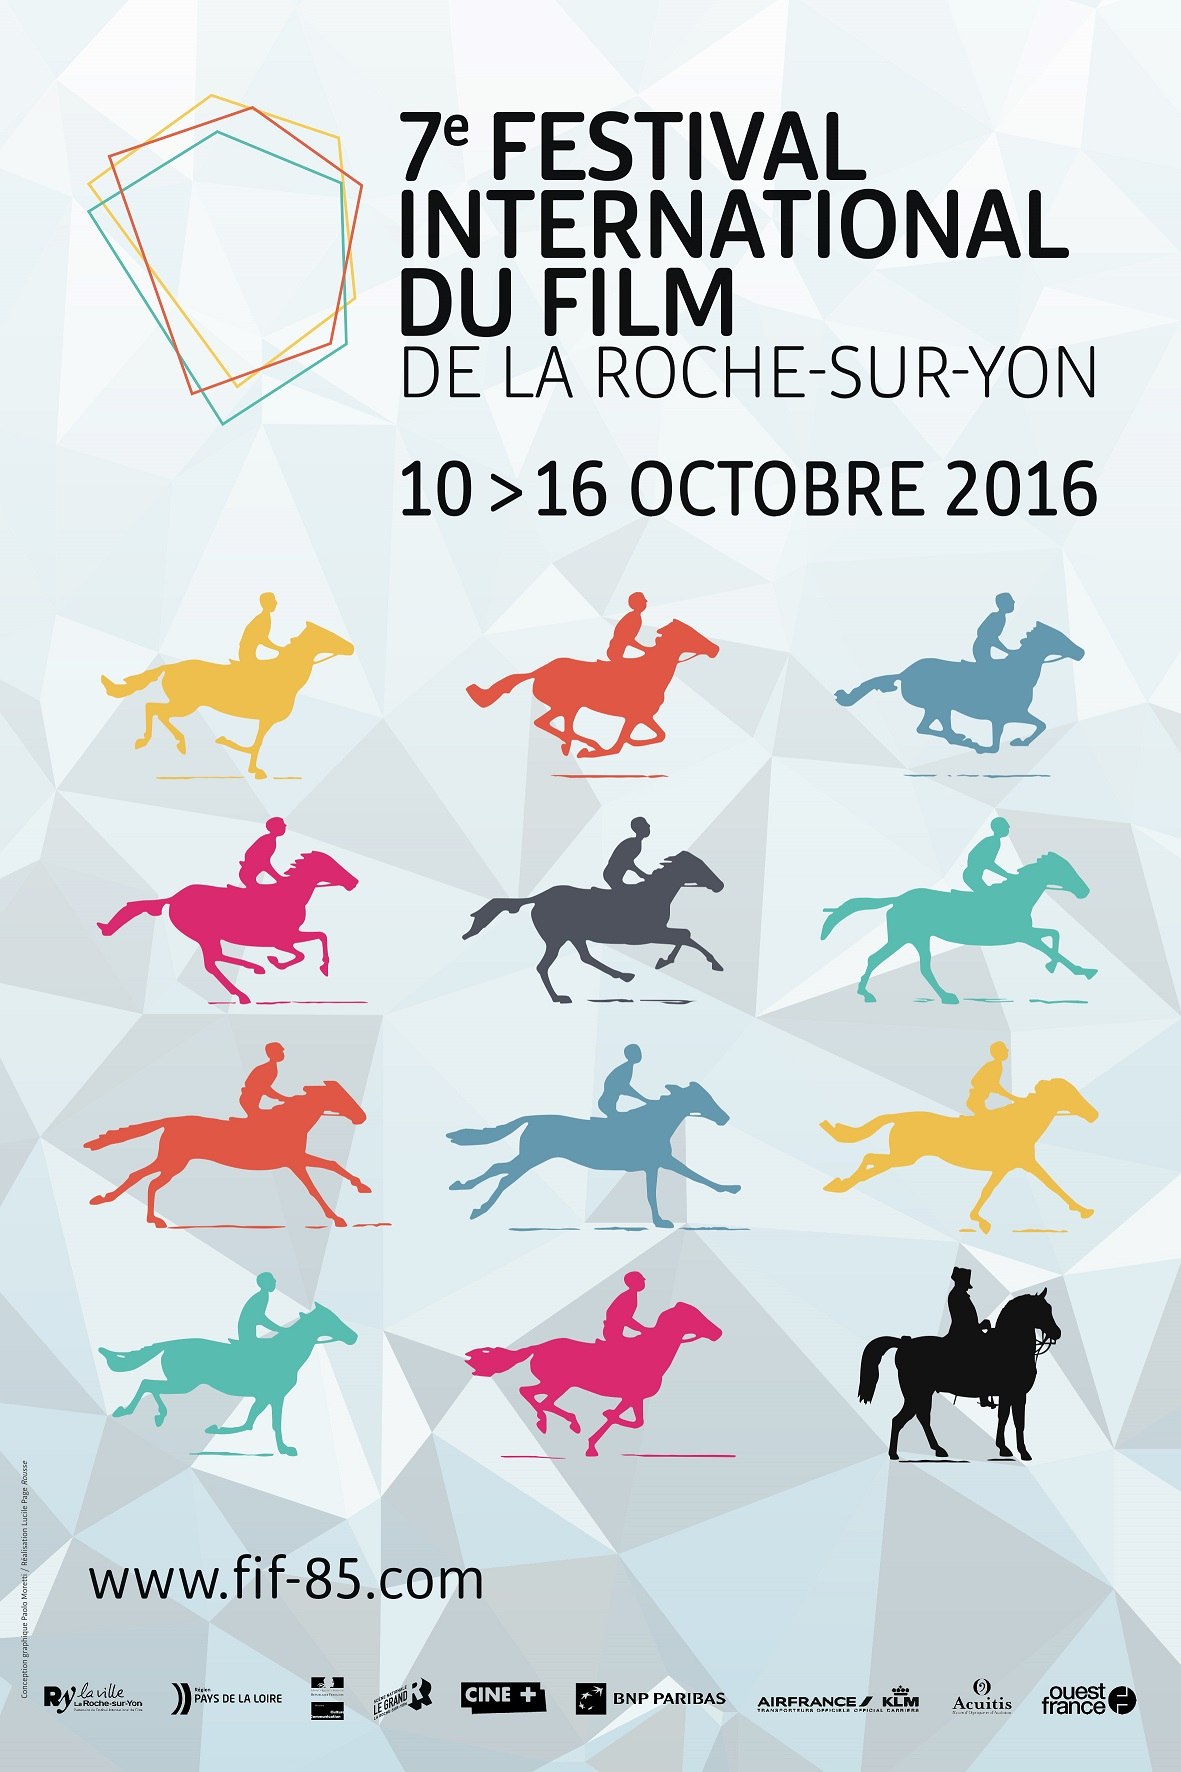 Festival de la roche sur yon 2016 chronique d une s lection haute en couleur - La roche sur yon office de tourisme ...